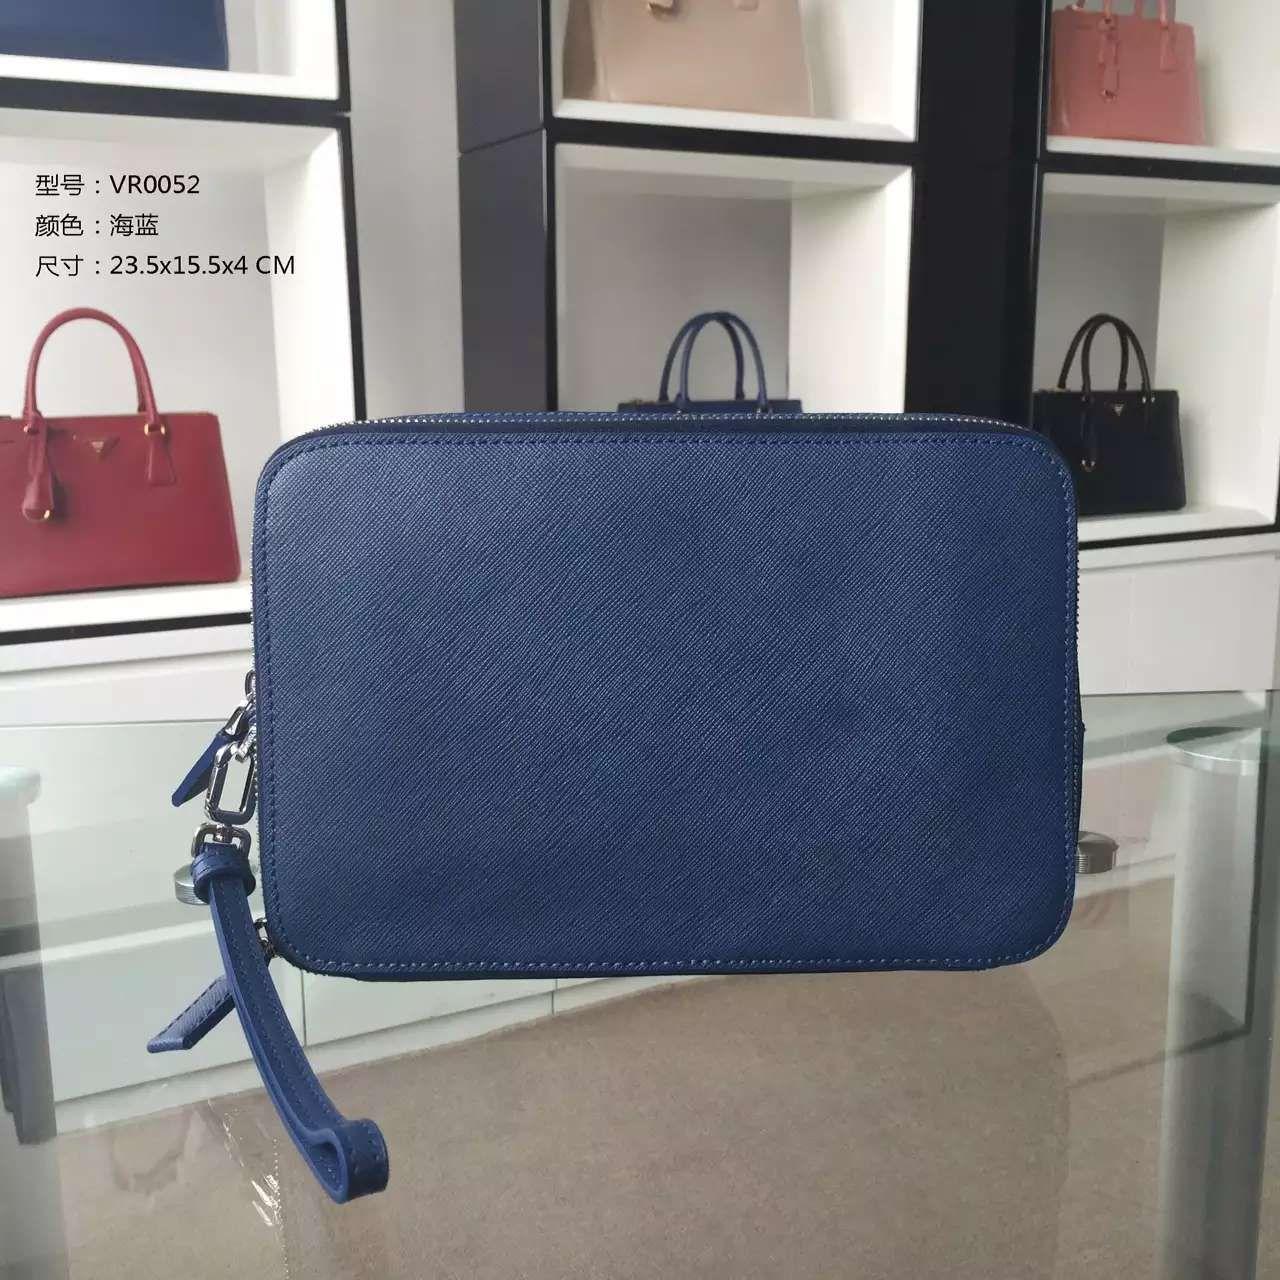 prada Bag, ID : 50467(FORSALE:a@yybags.com), prada designer handbags online, prada bag price list 2016, cheap prada purses, prada designer wallets, prada tot bag, prada italian shoes, prada purse wallet, prada bags online shopping, prada messenger backpack, purple prada purse, prada branded ladies handbags, prada backpack for laptop #pradaBag #prada #prada #online #outlet #prada #store